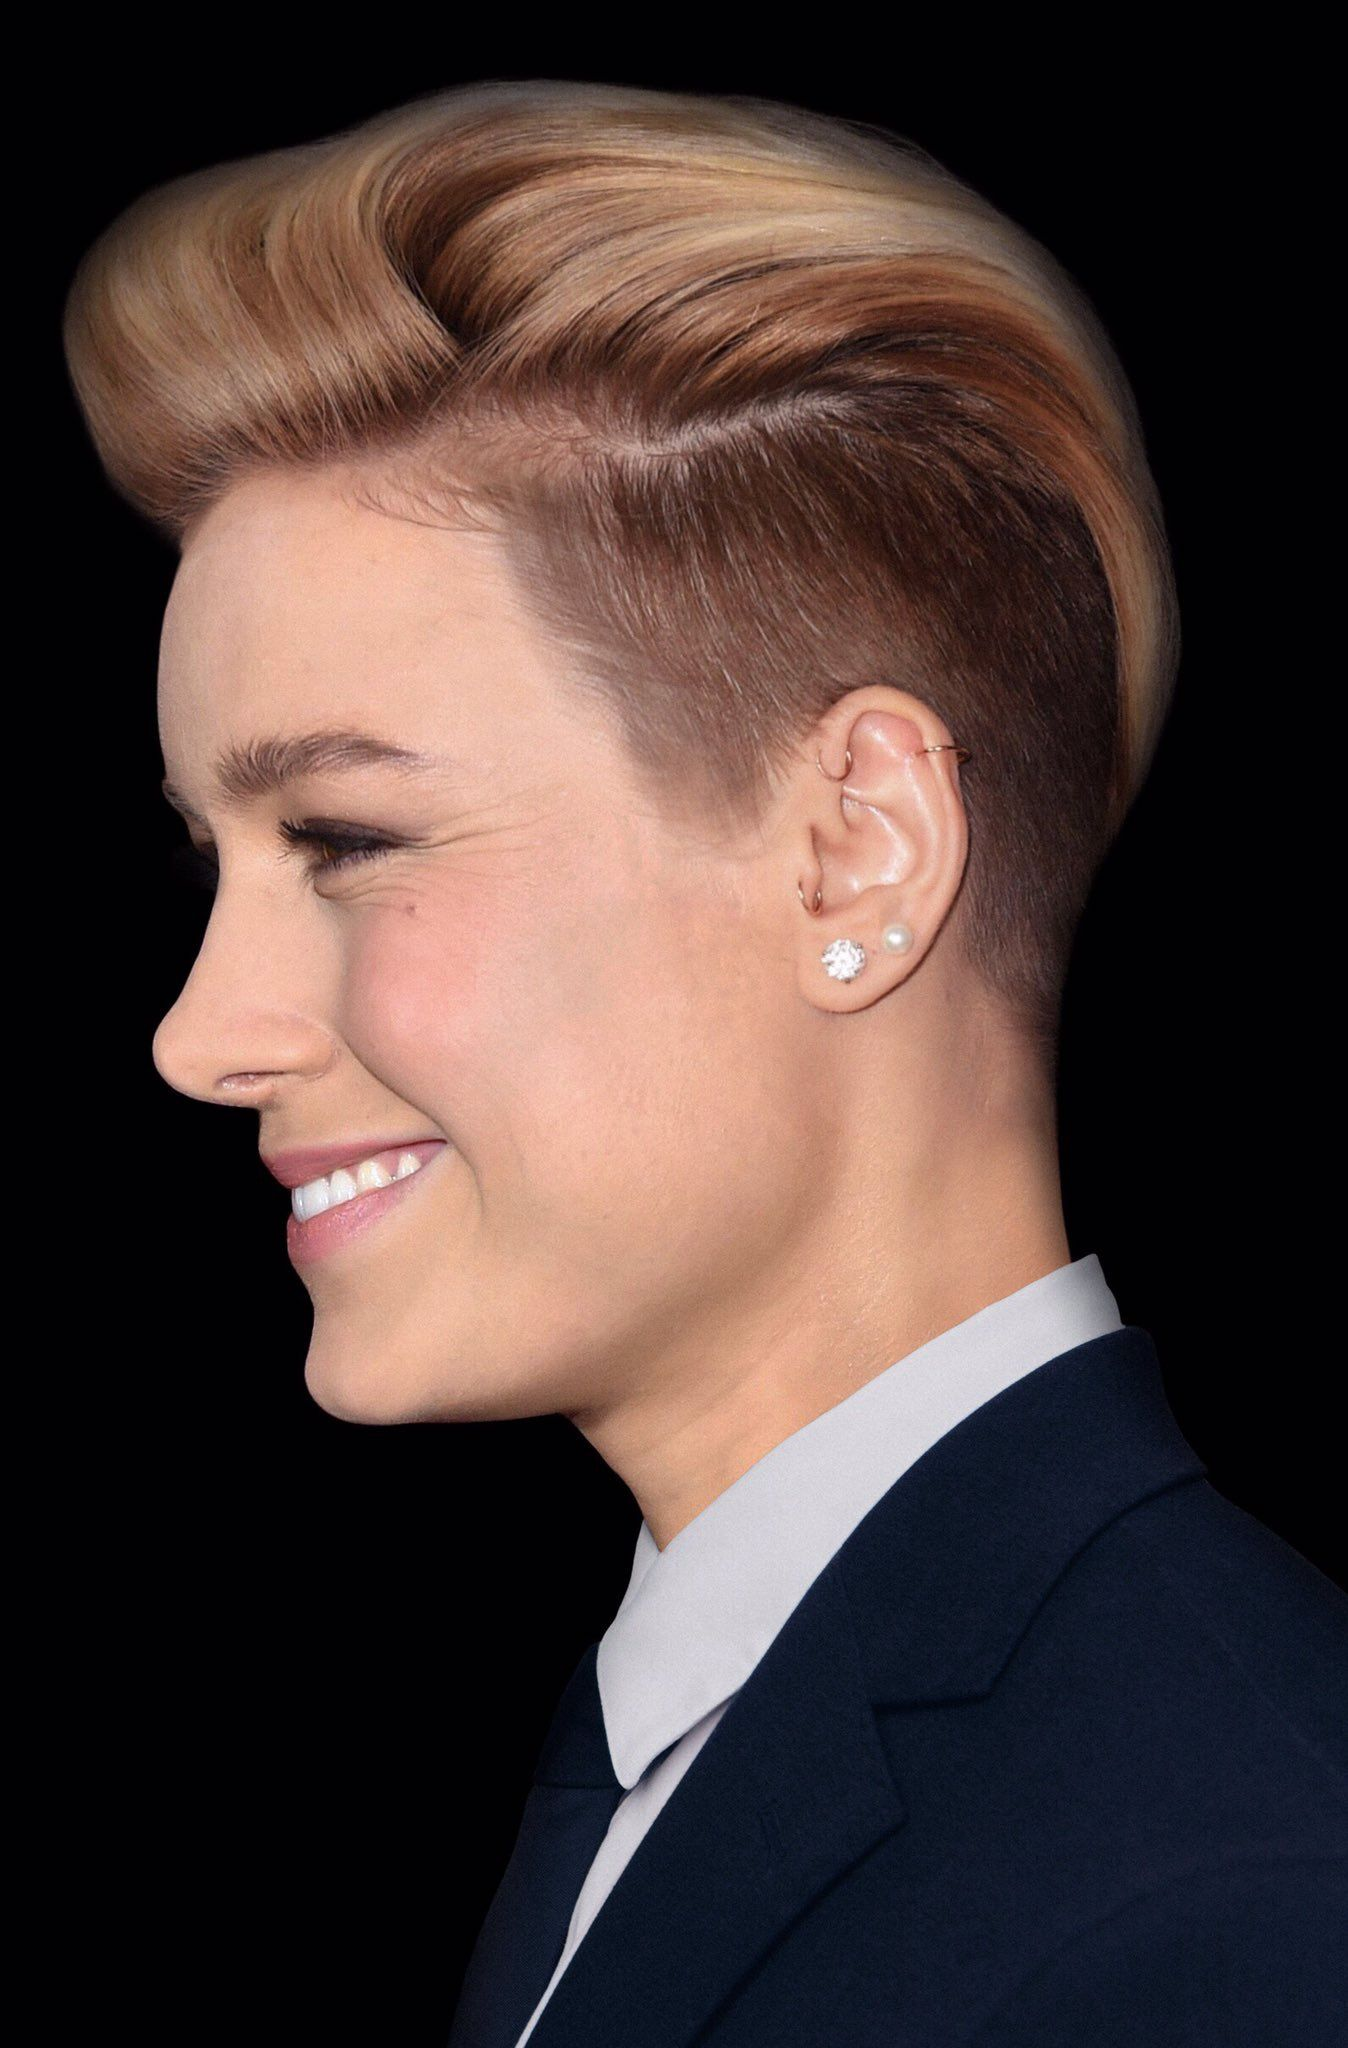 Bridal Brie Larson Short Hair Design Ideas